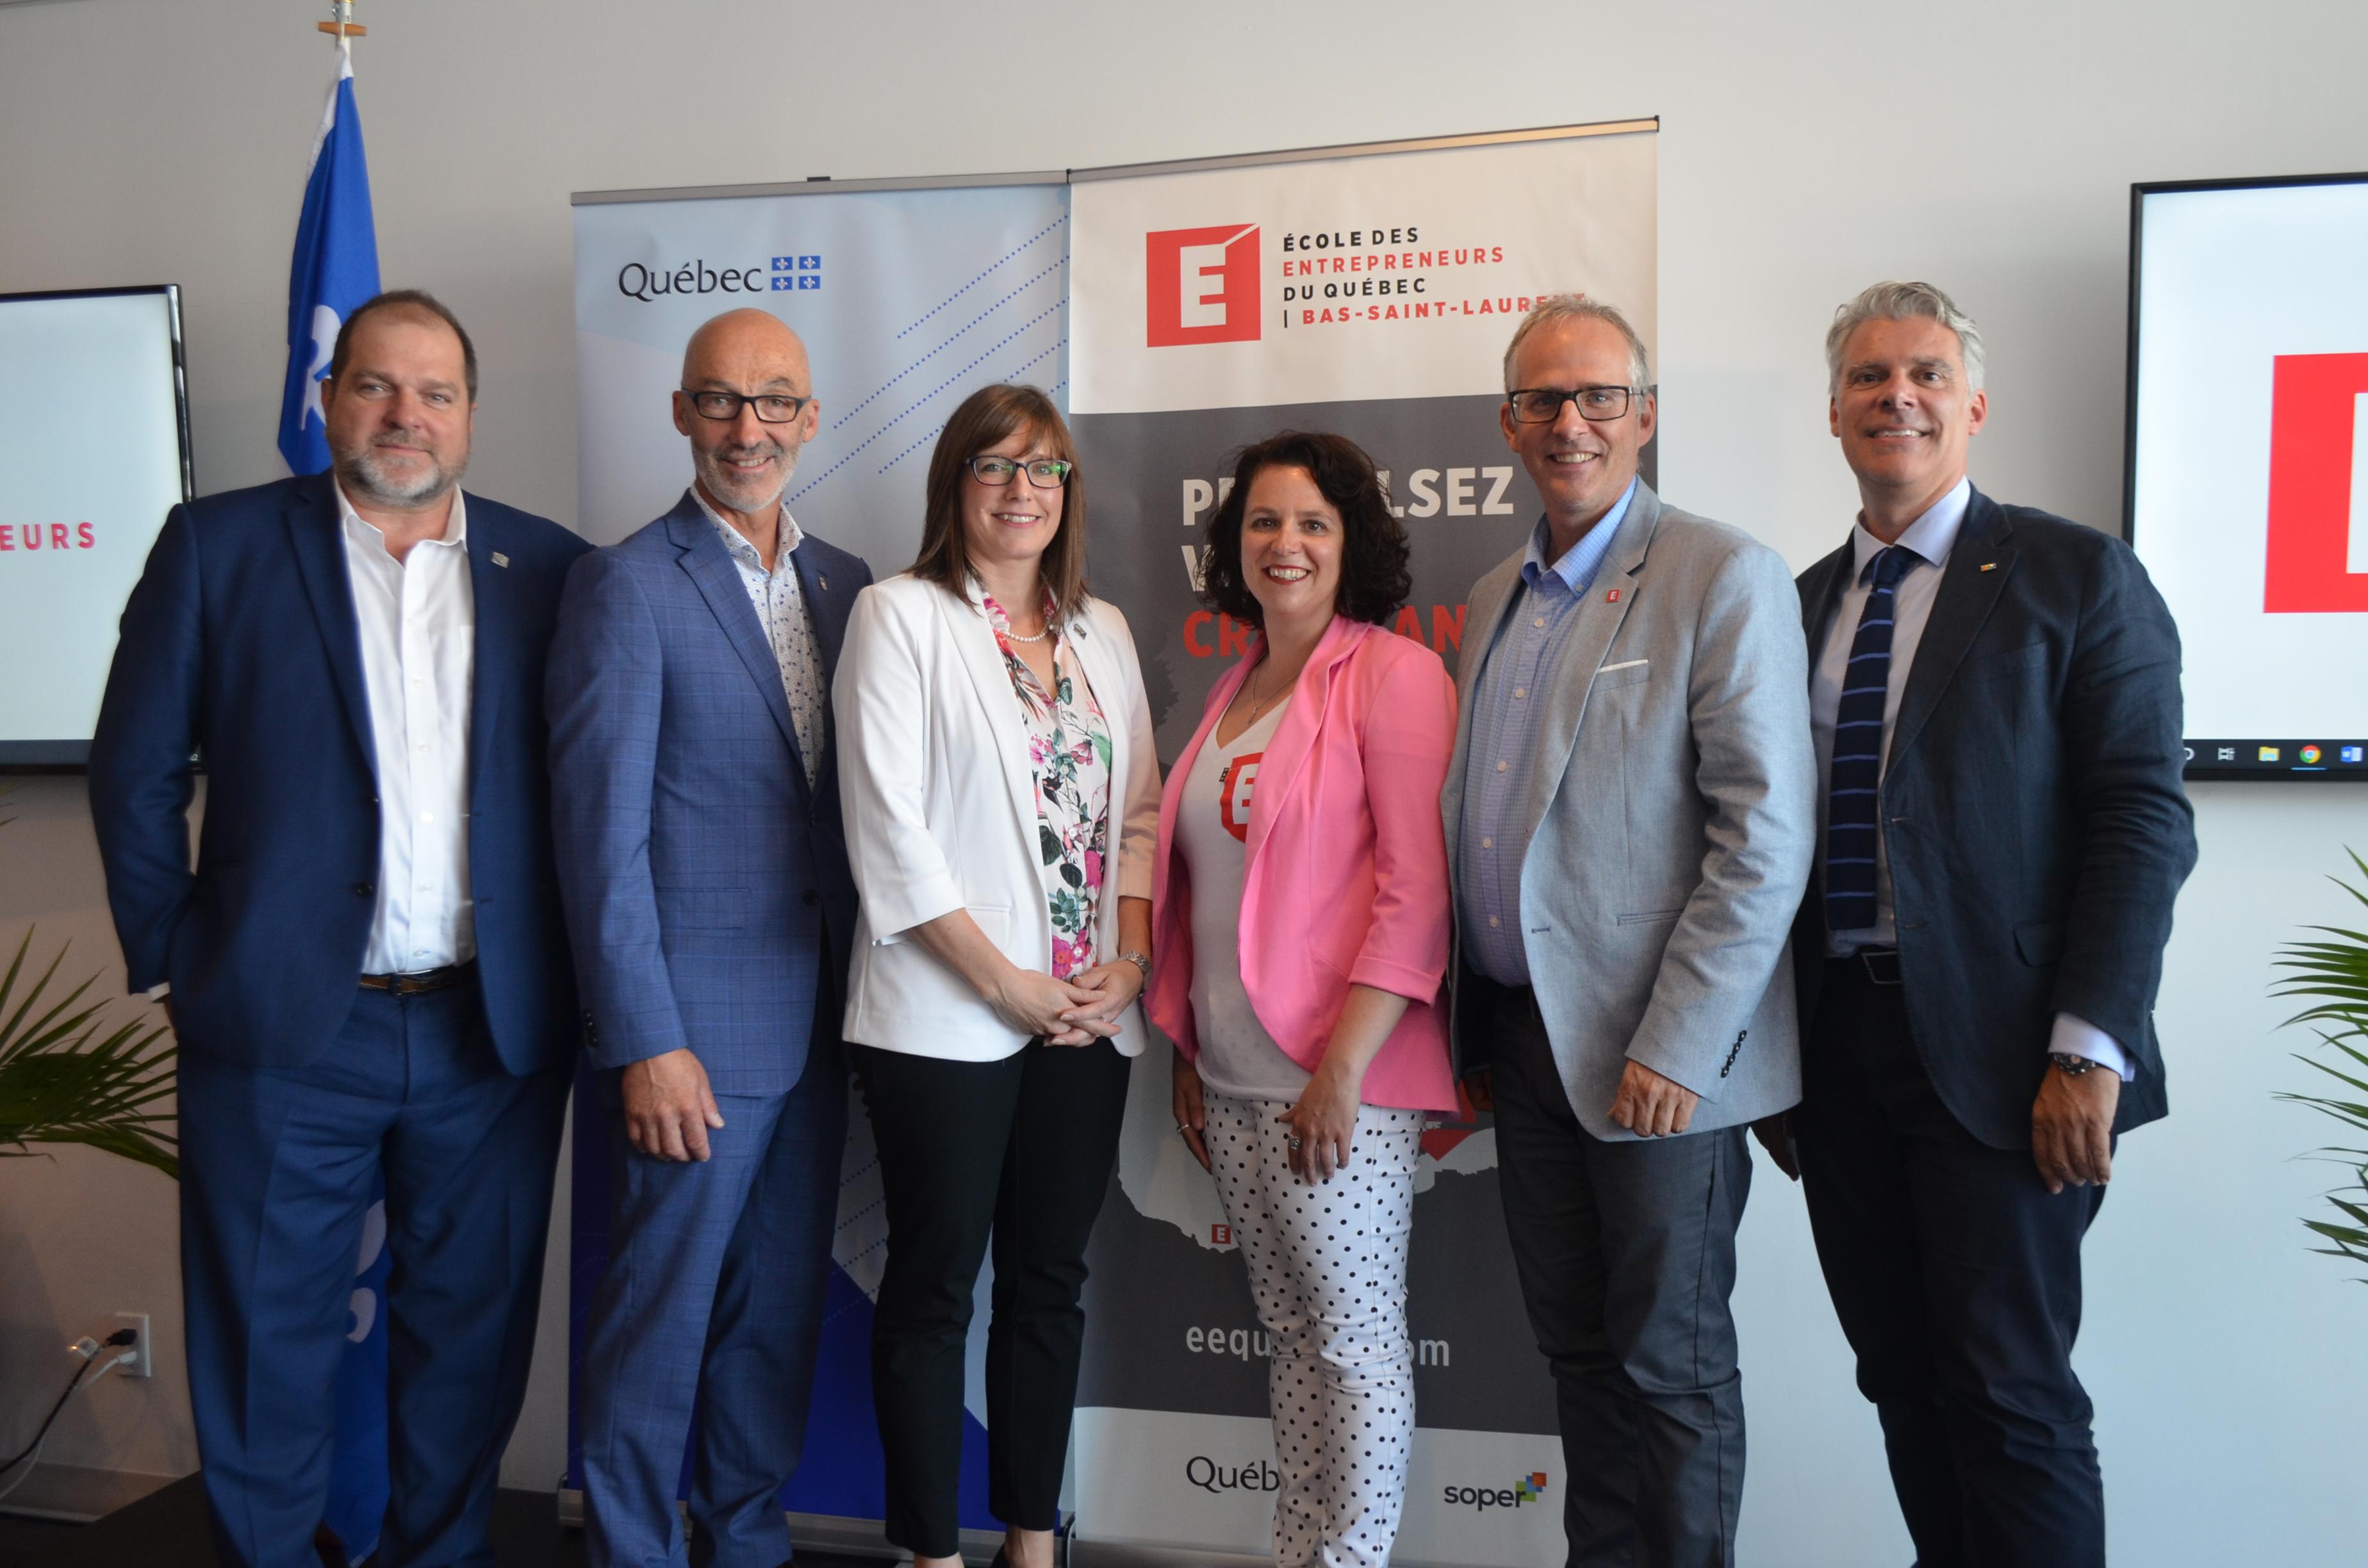 L'École des entrepreneurs du Québec (ÉEQ) a inauguré officiellement jeudi à Rimouski, son campus bas-laurentien